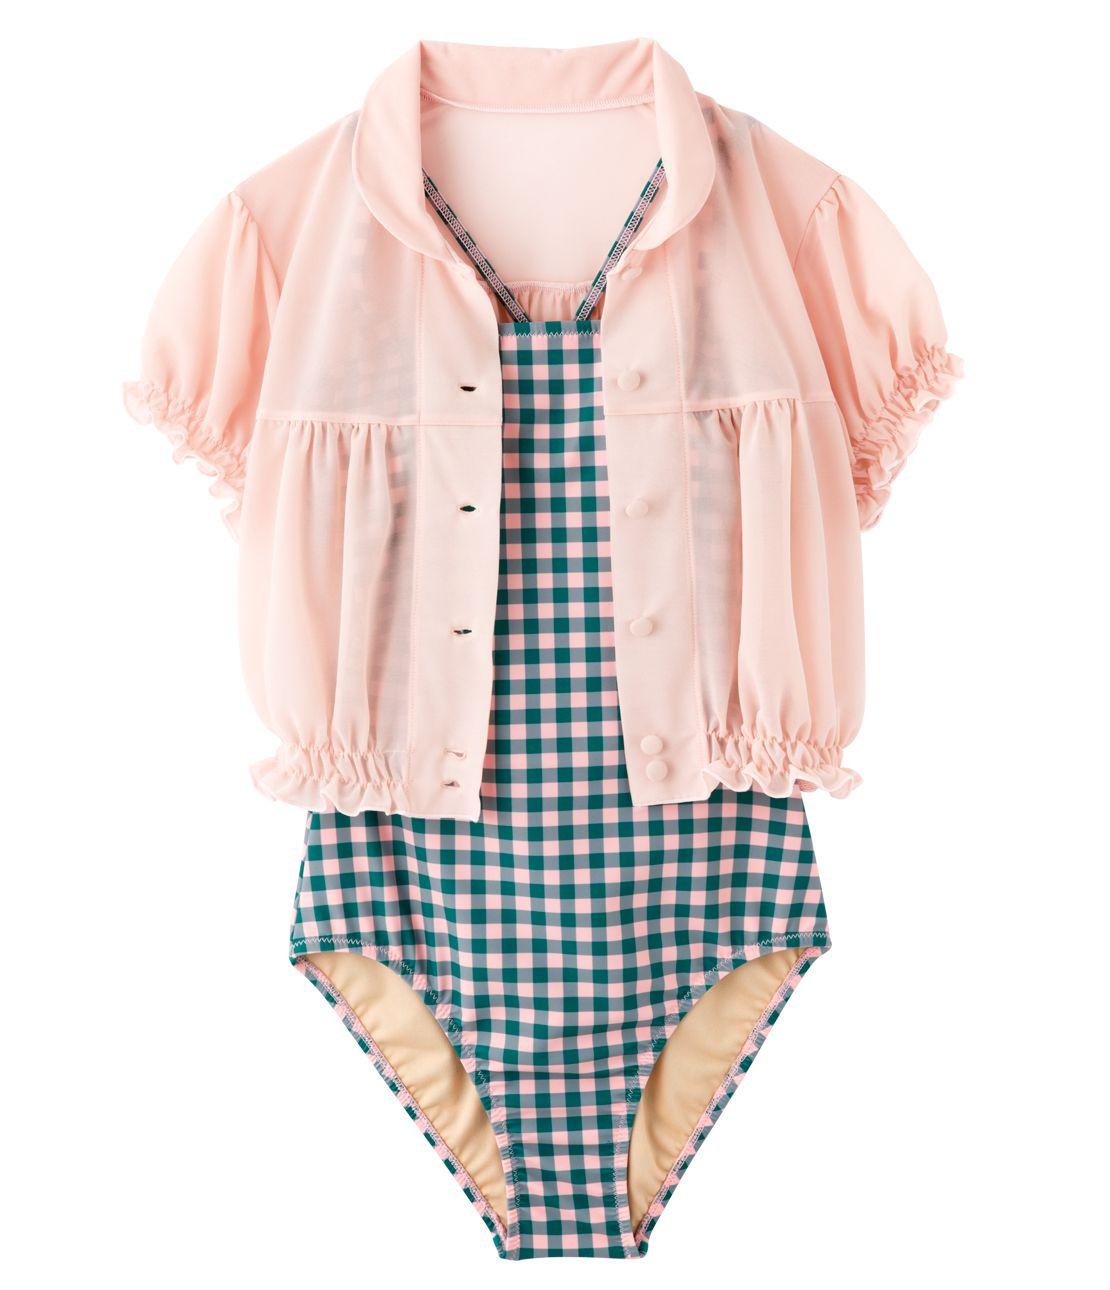 YM格子娃娃泳装套装